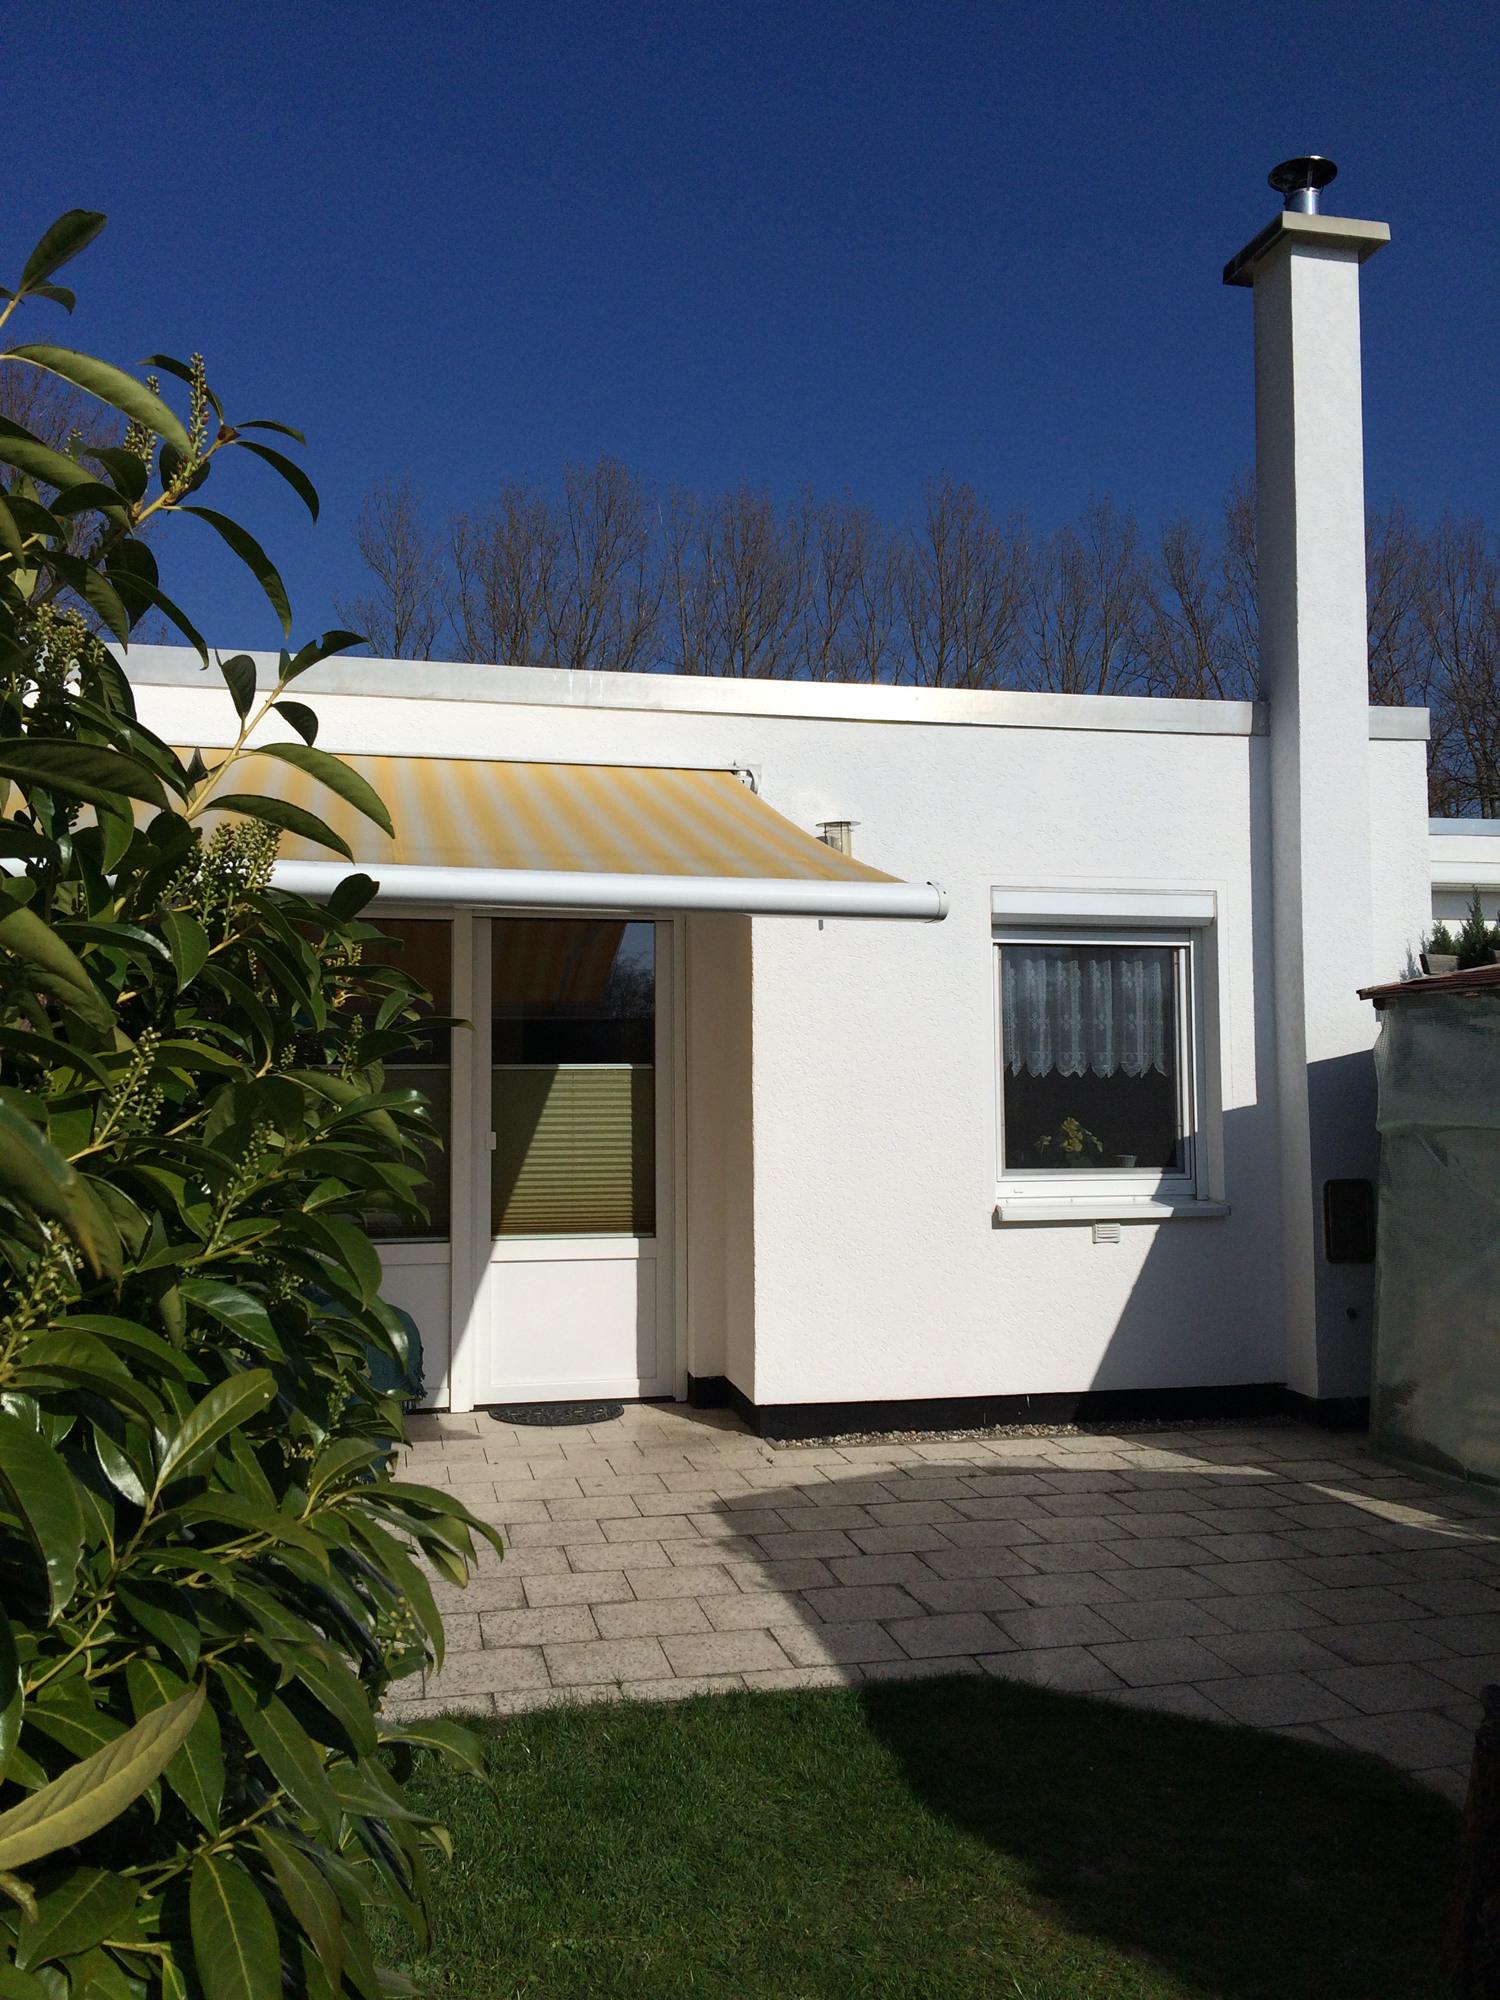 Ferienhaus Häuschen am Strand Diedrichshagen | Ostsee ...